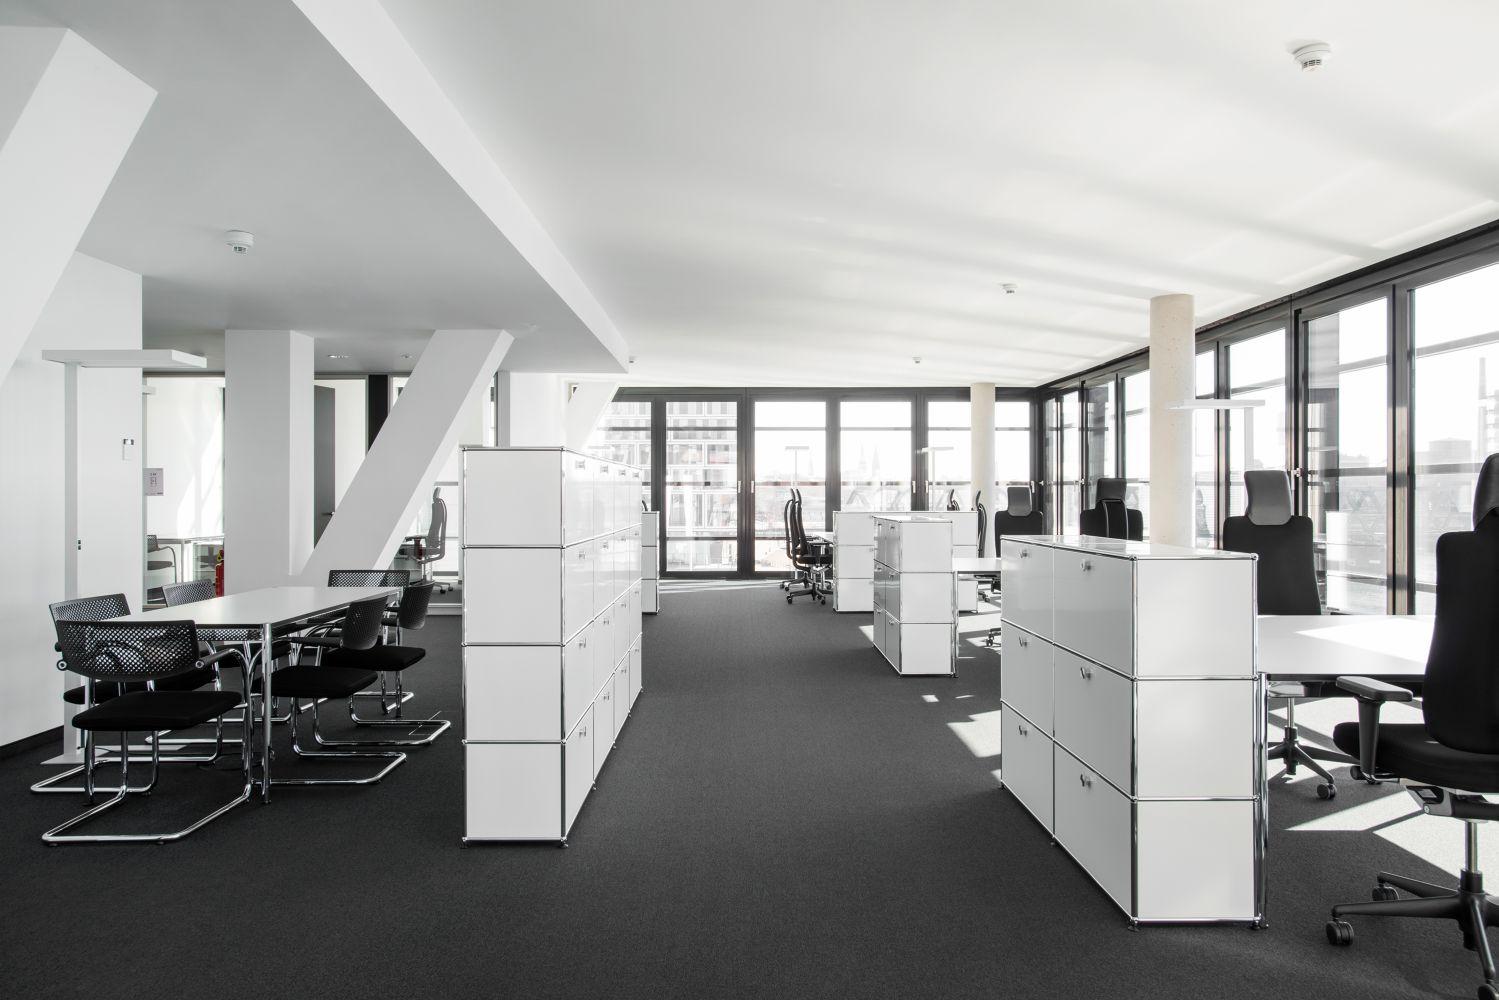 dienstleistungsunternehmen bremen g rtner internationale. Black Bedroom Furniture Sets. Home Design Ideas